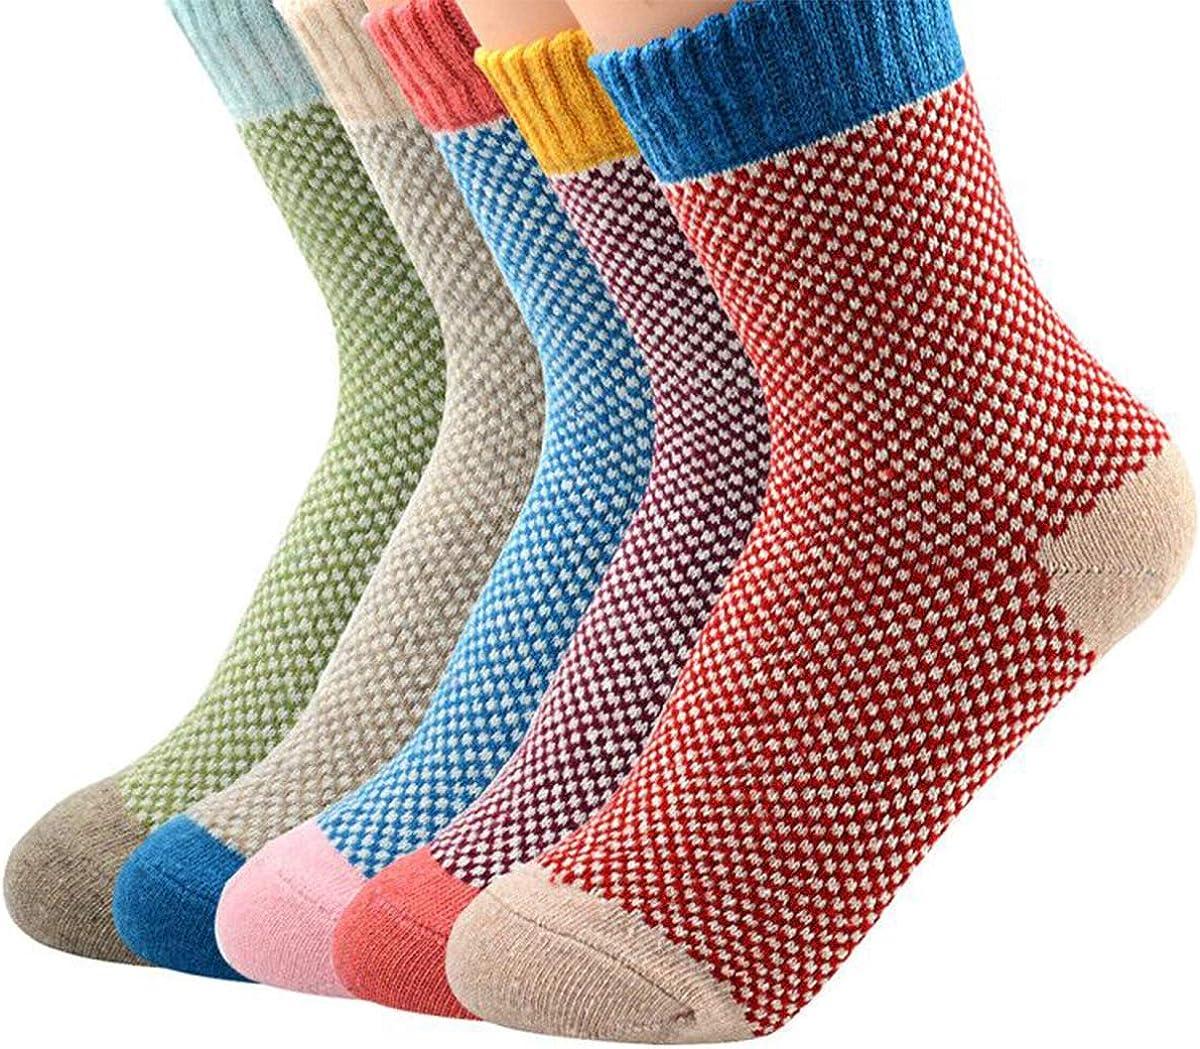 Century Star Womens Athletic Socks Knit Pattern Sports Socks Winter Wool Socks Crew Cut Cashmere Socks Warm Soft Socks